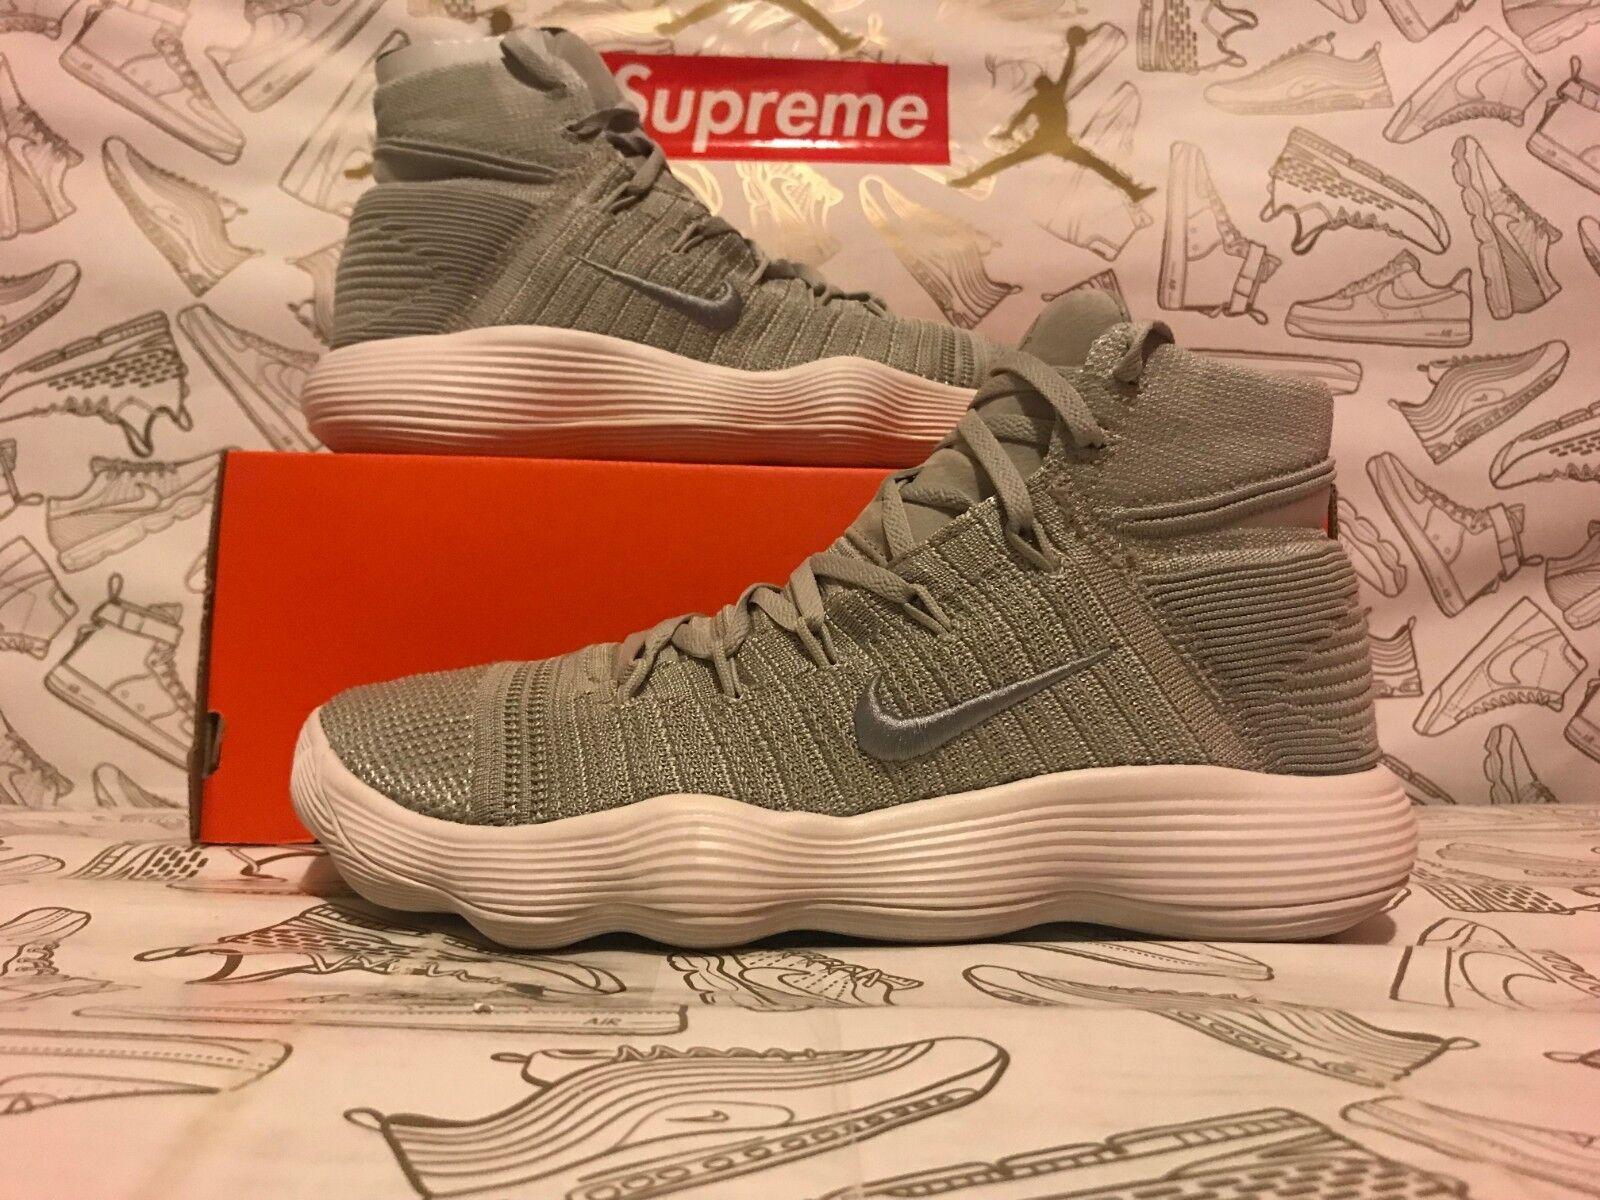 Nike hyperdunk 2017 flyknit blass, grau metallic silber 917726-002 männer ist groß.